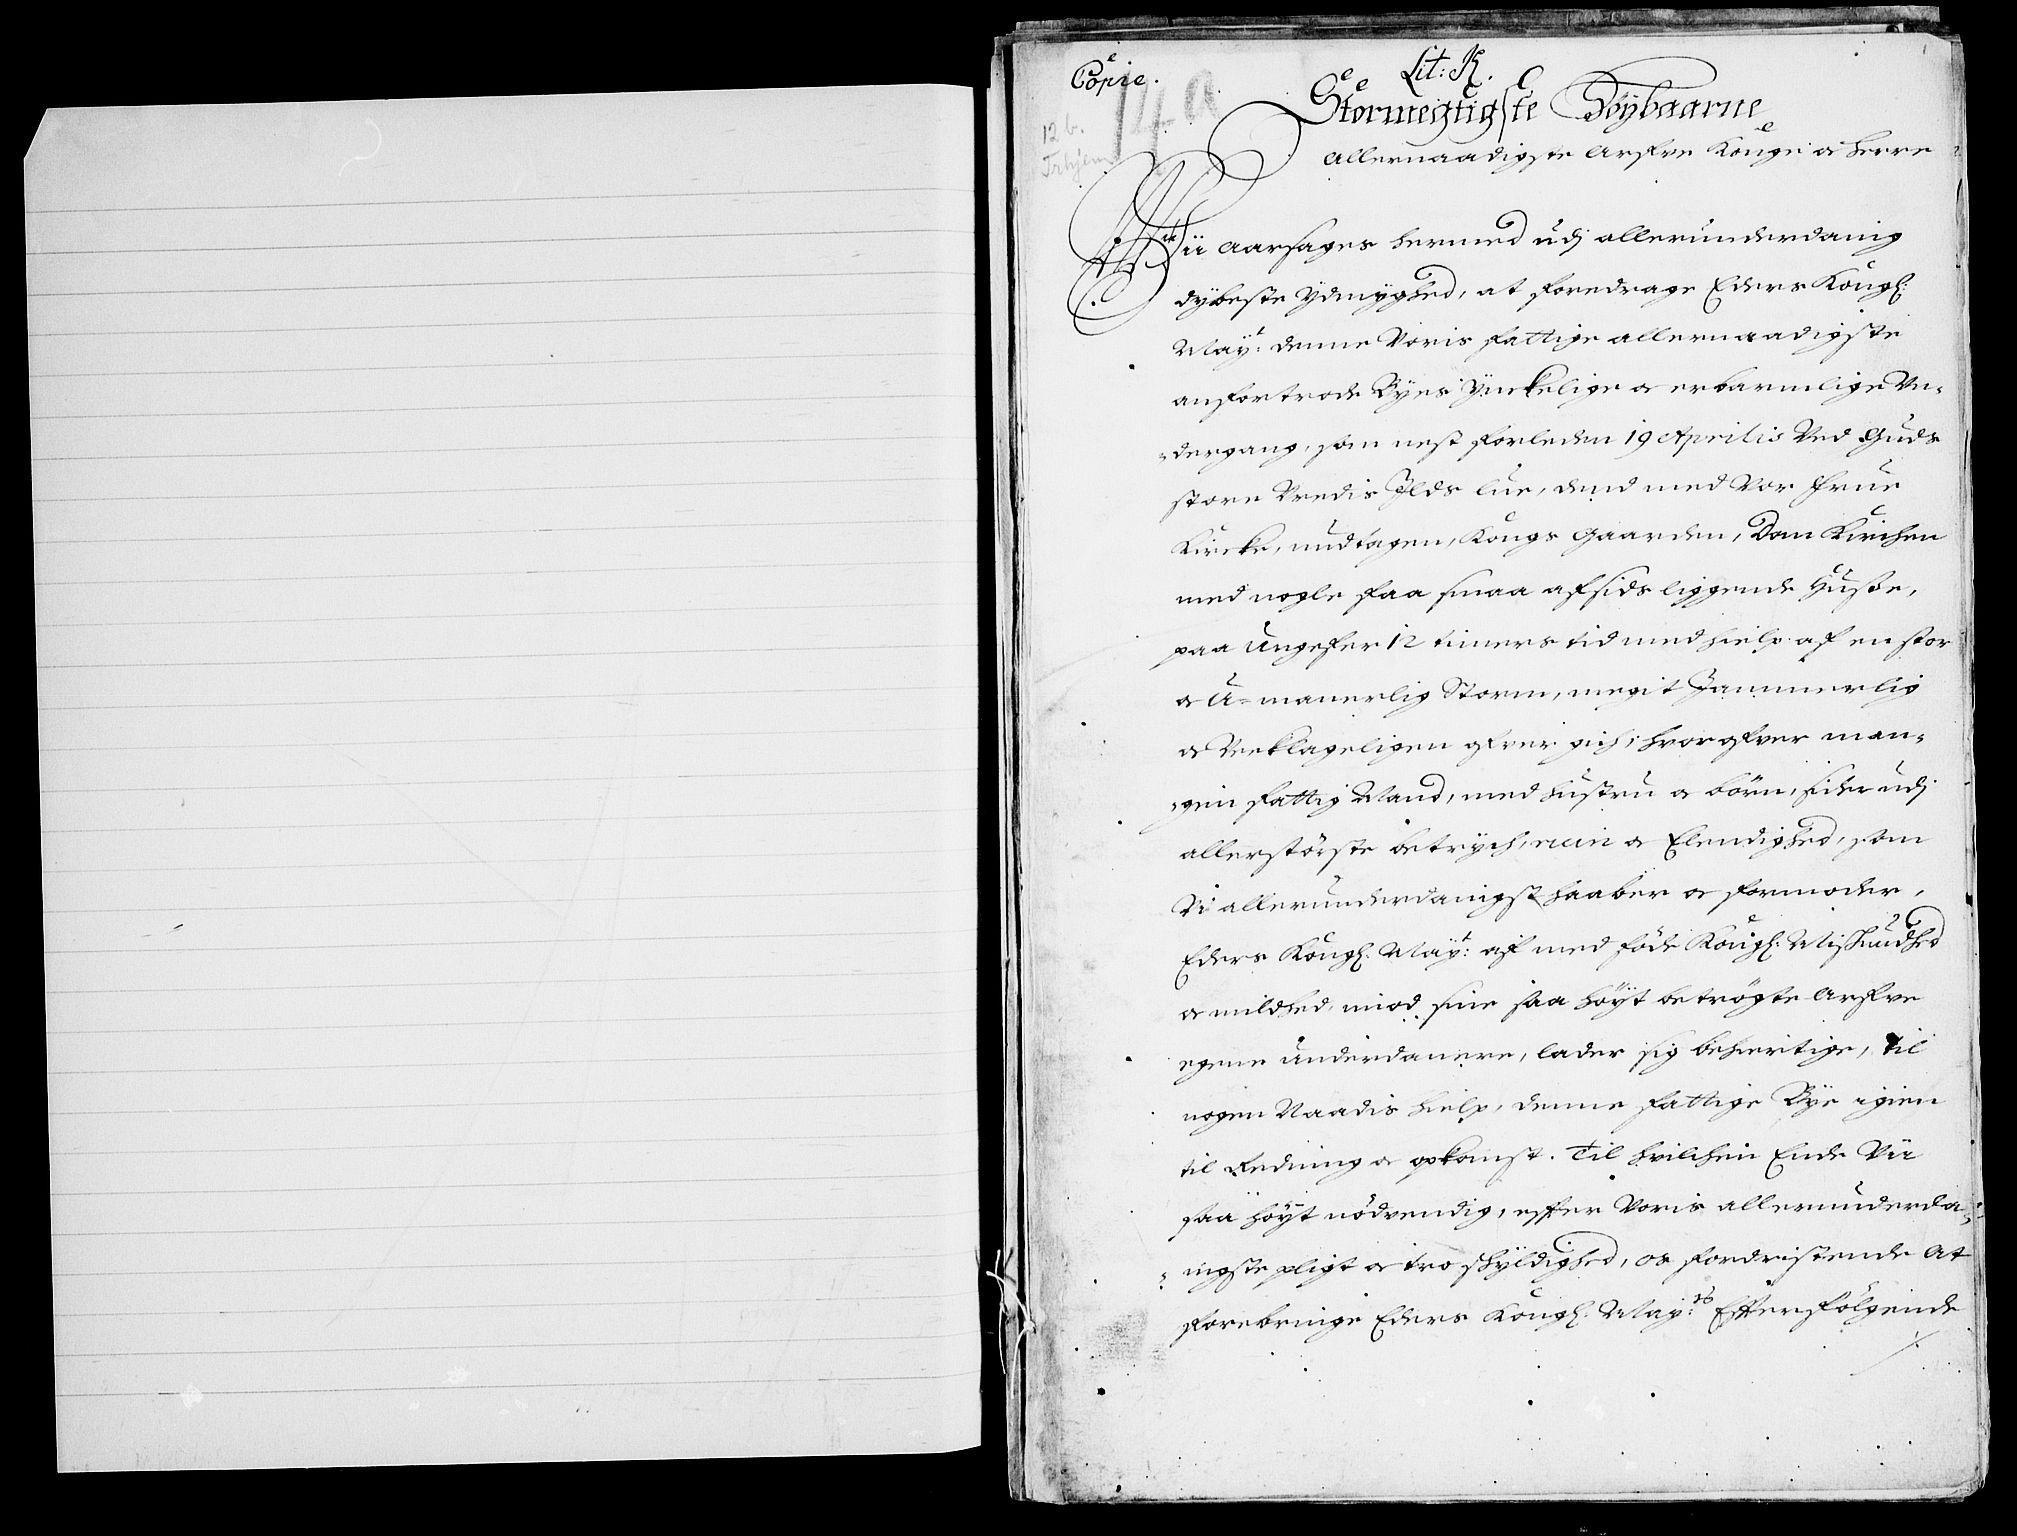 RA, Danske Kanselli, Skapsaker, F/L0074: Skap 15, pakke 79, 1611-1701, s. 101